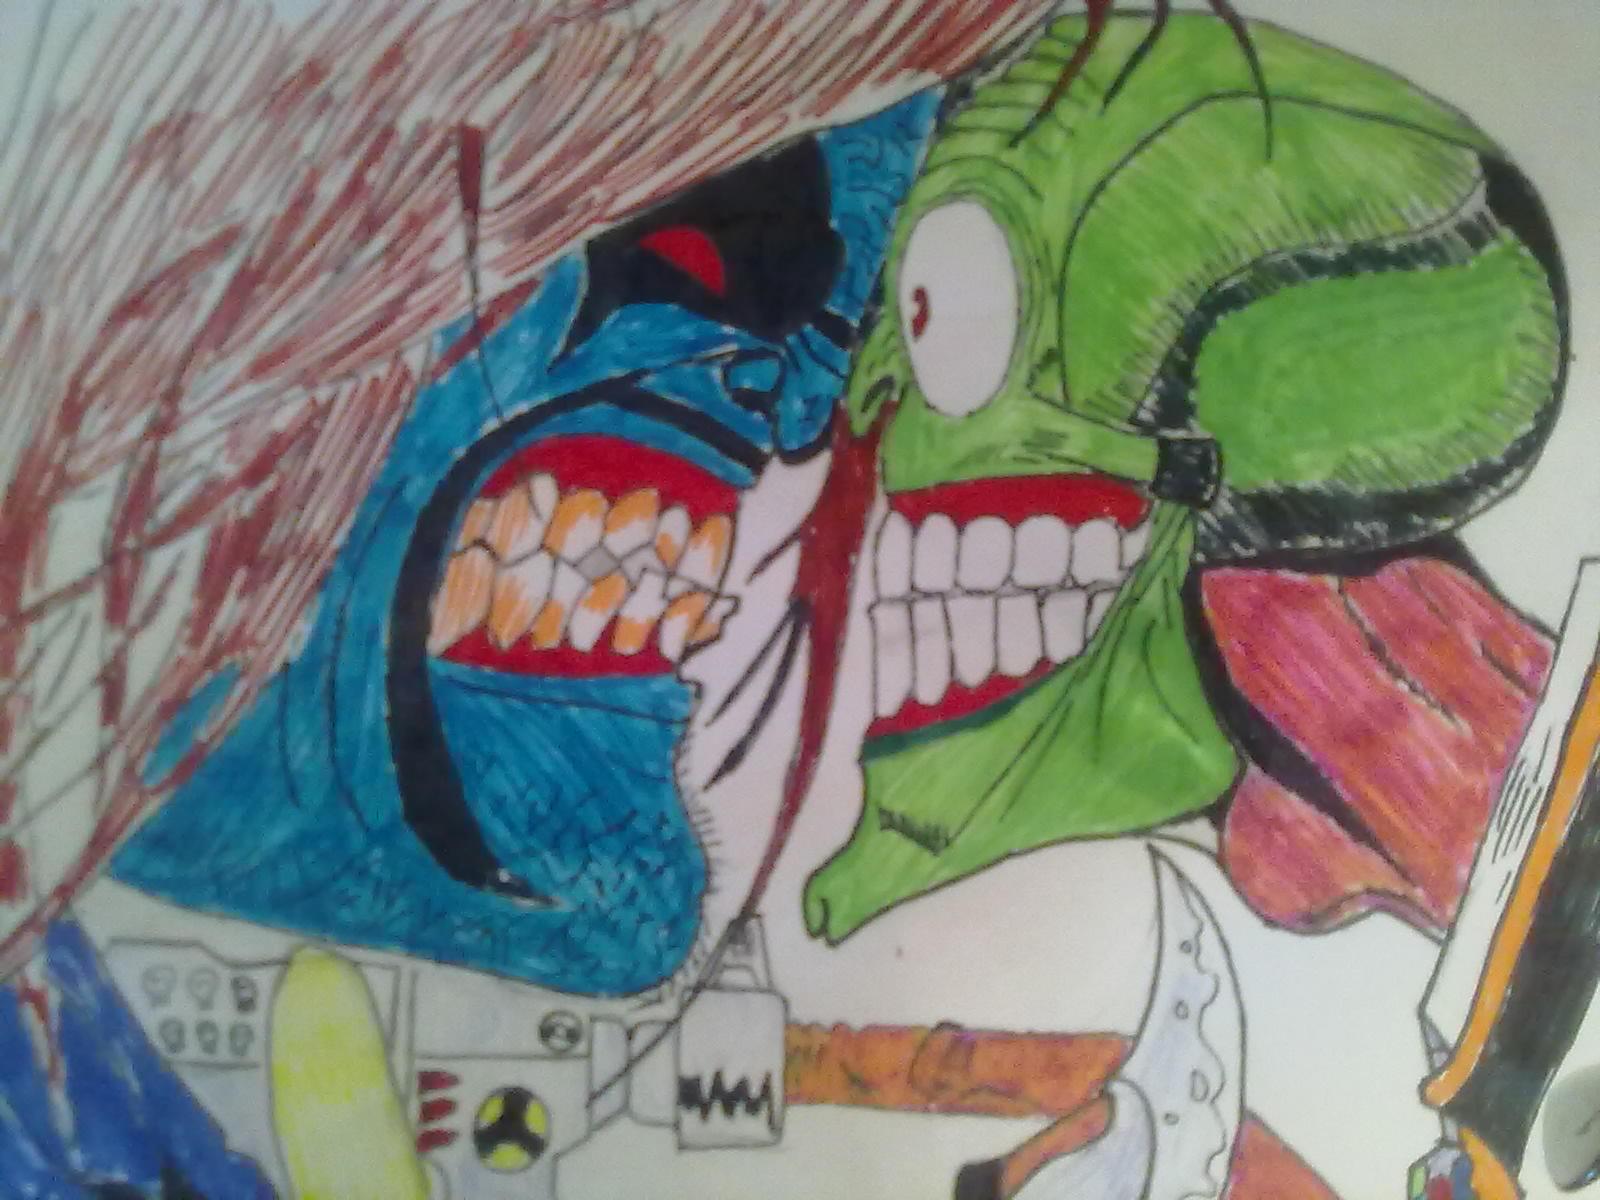 Вчера когда мне нечего было делать я решил срисовать два культовых персонажей комиксов Лобо и Маска (Lobo vs Mask).  ... - Изображение 3